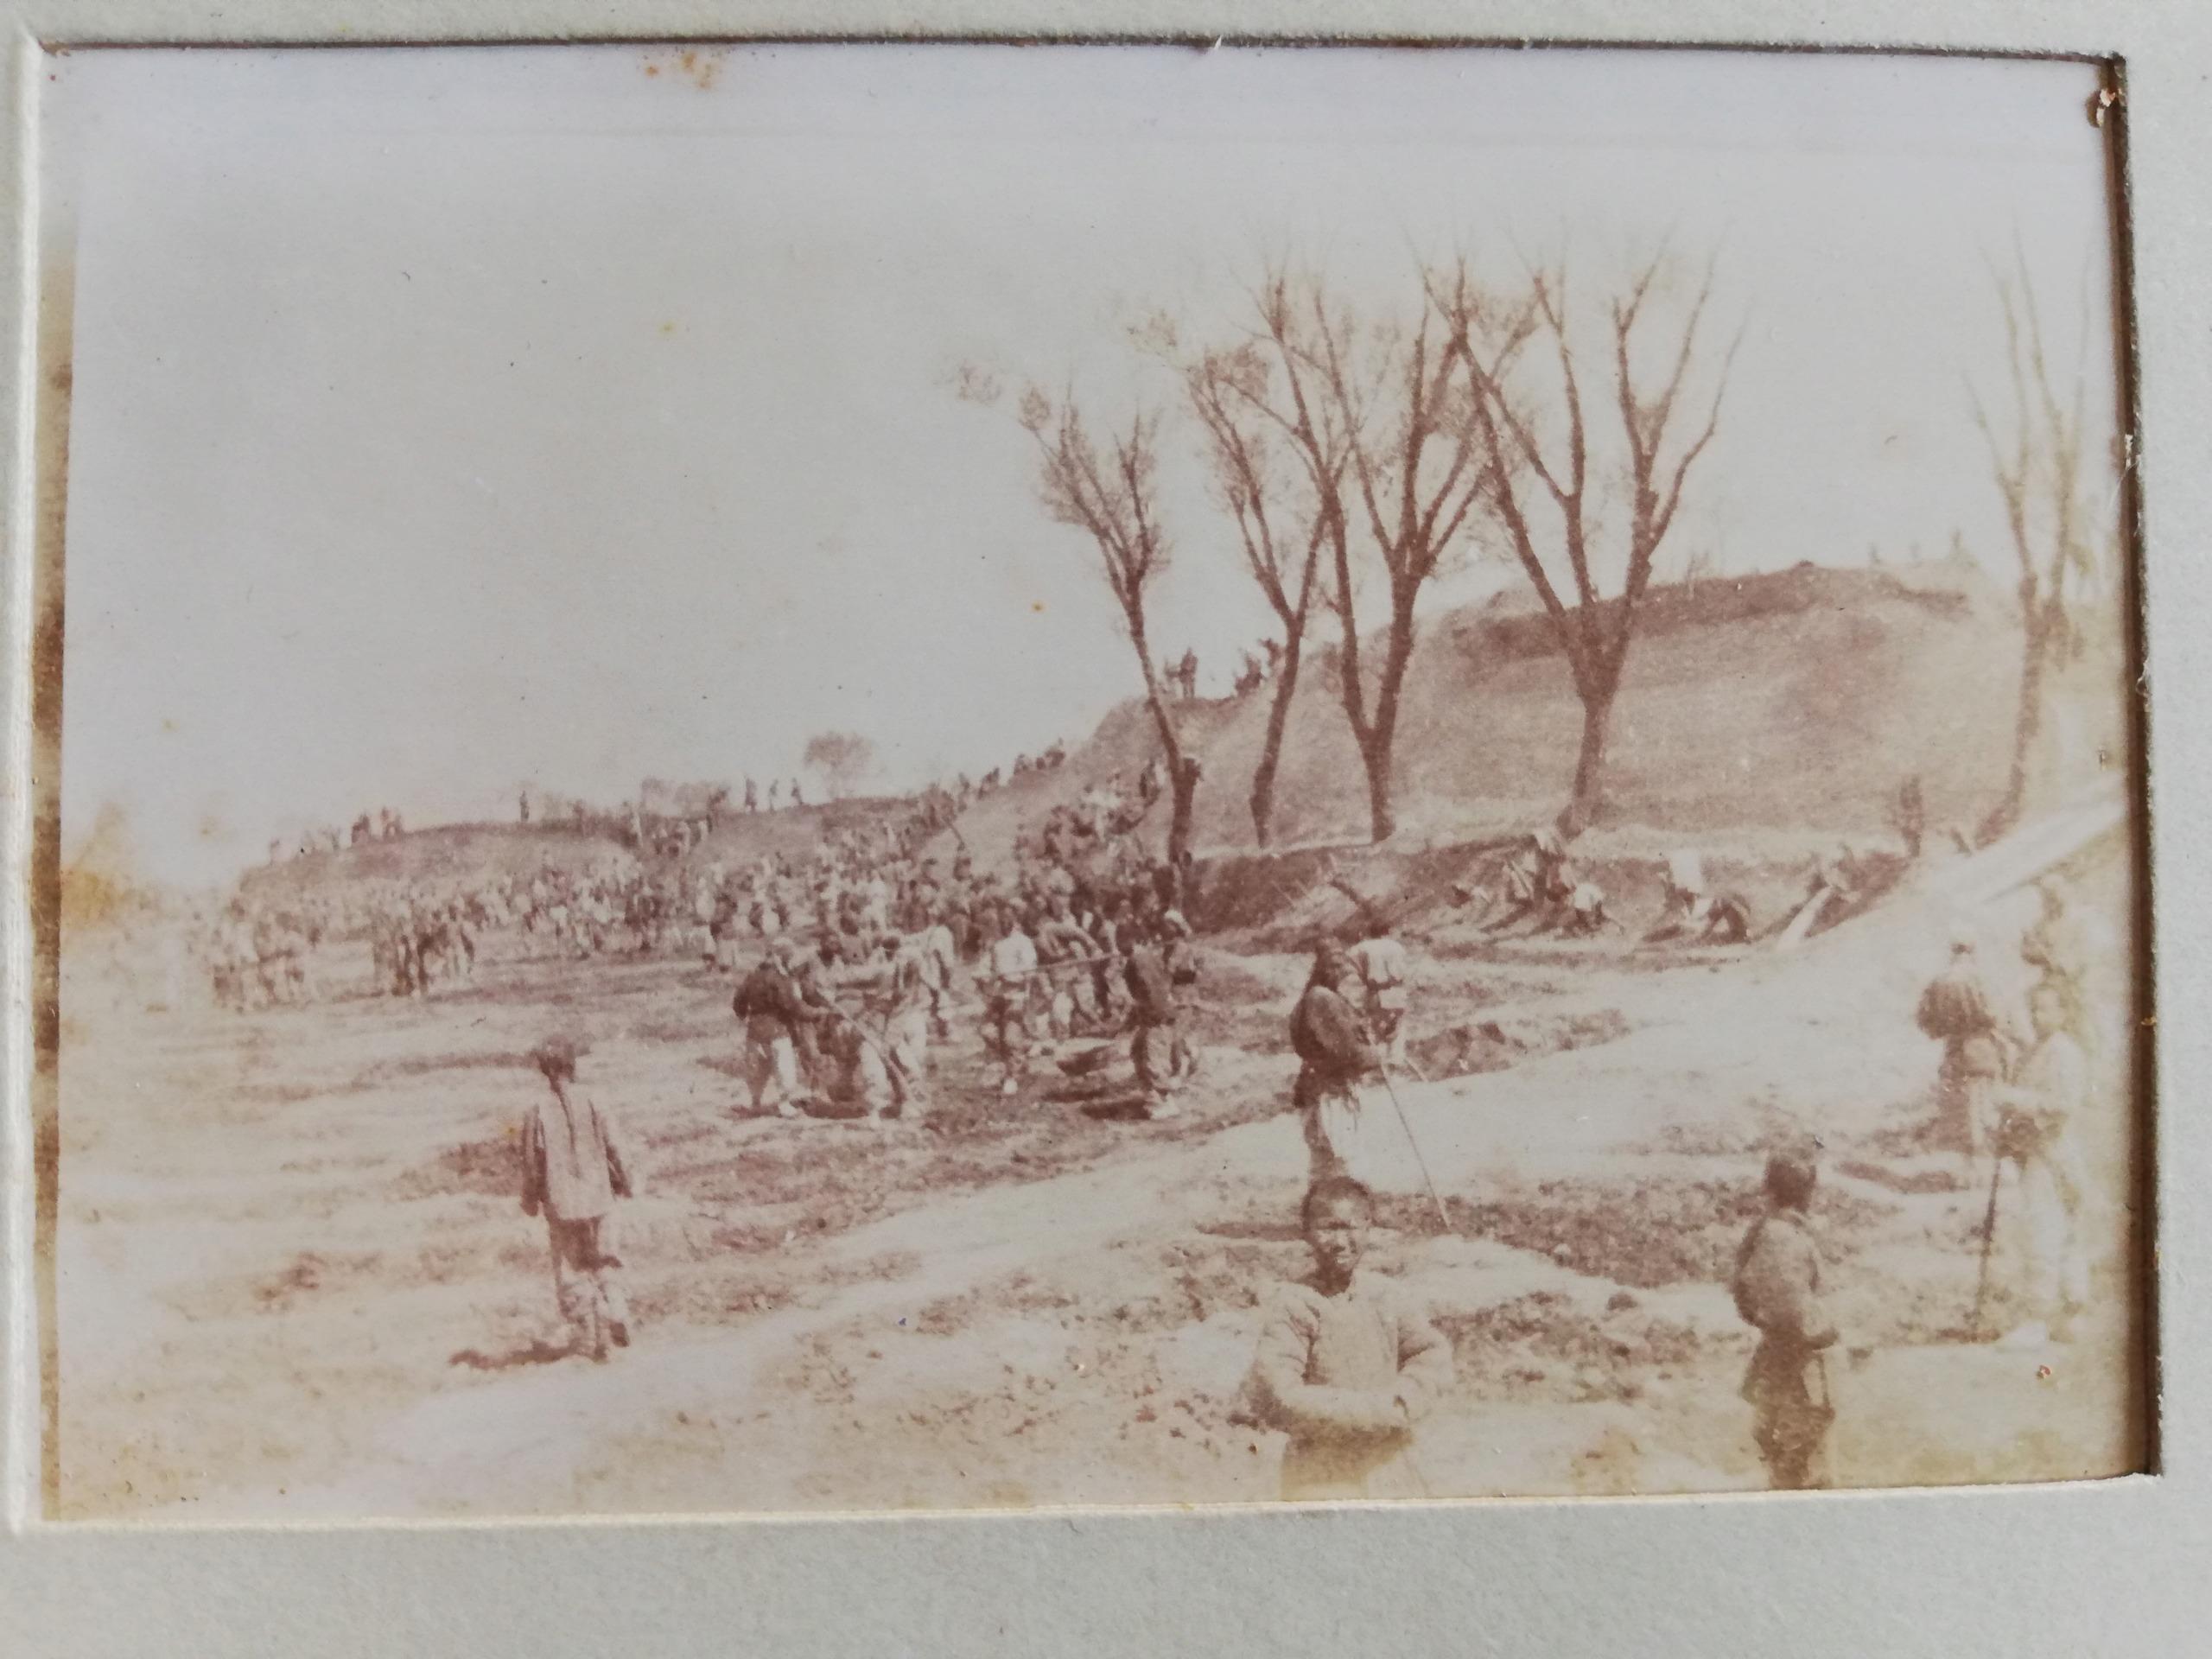 les 55 jours de Pekin 1811